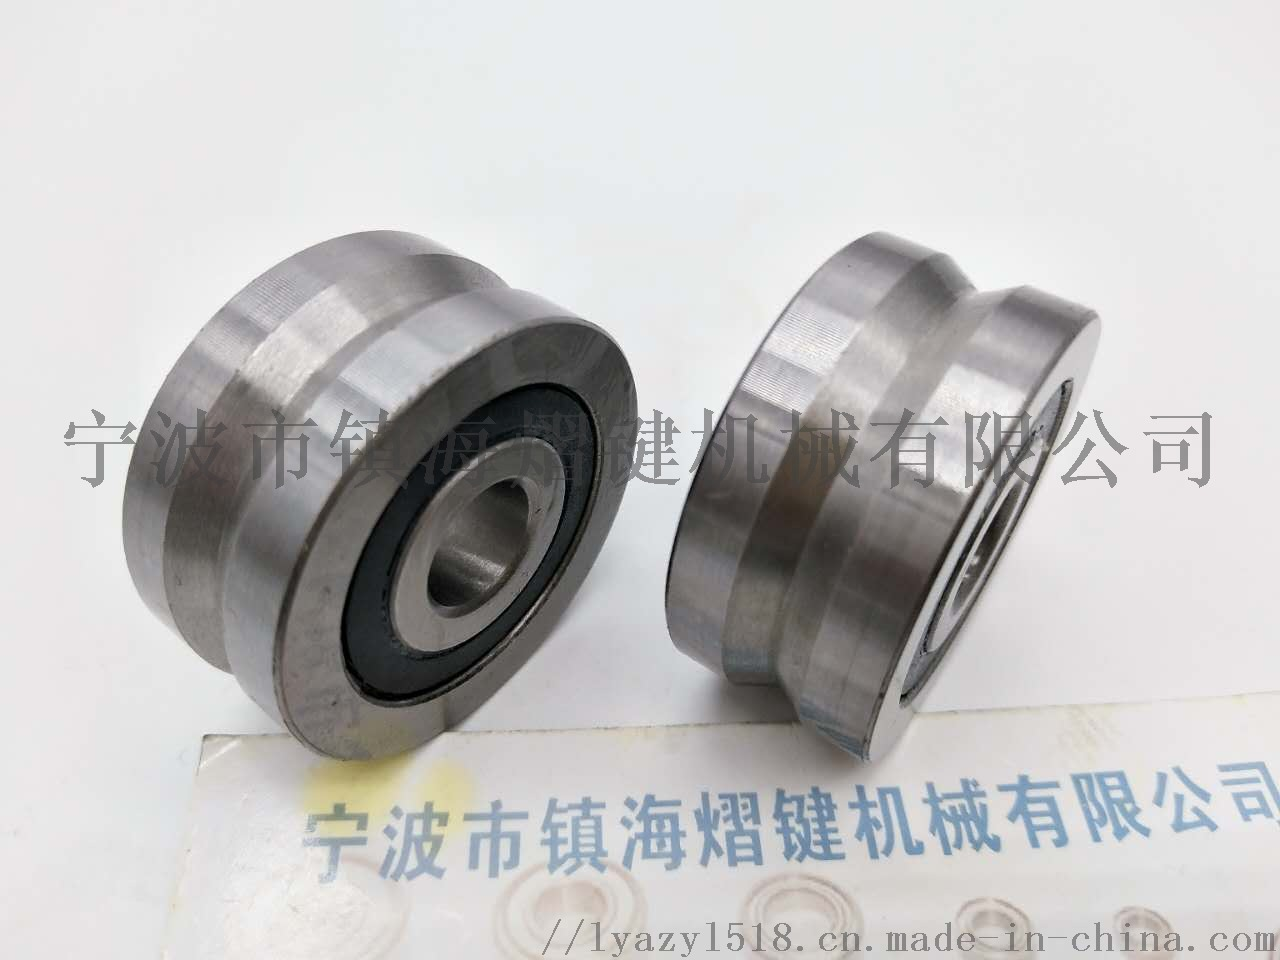 专业生产非标轴承LFFFR508NPP769080812